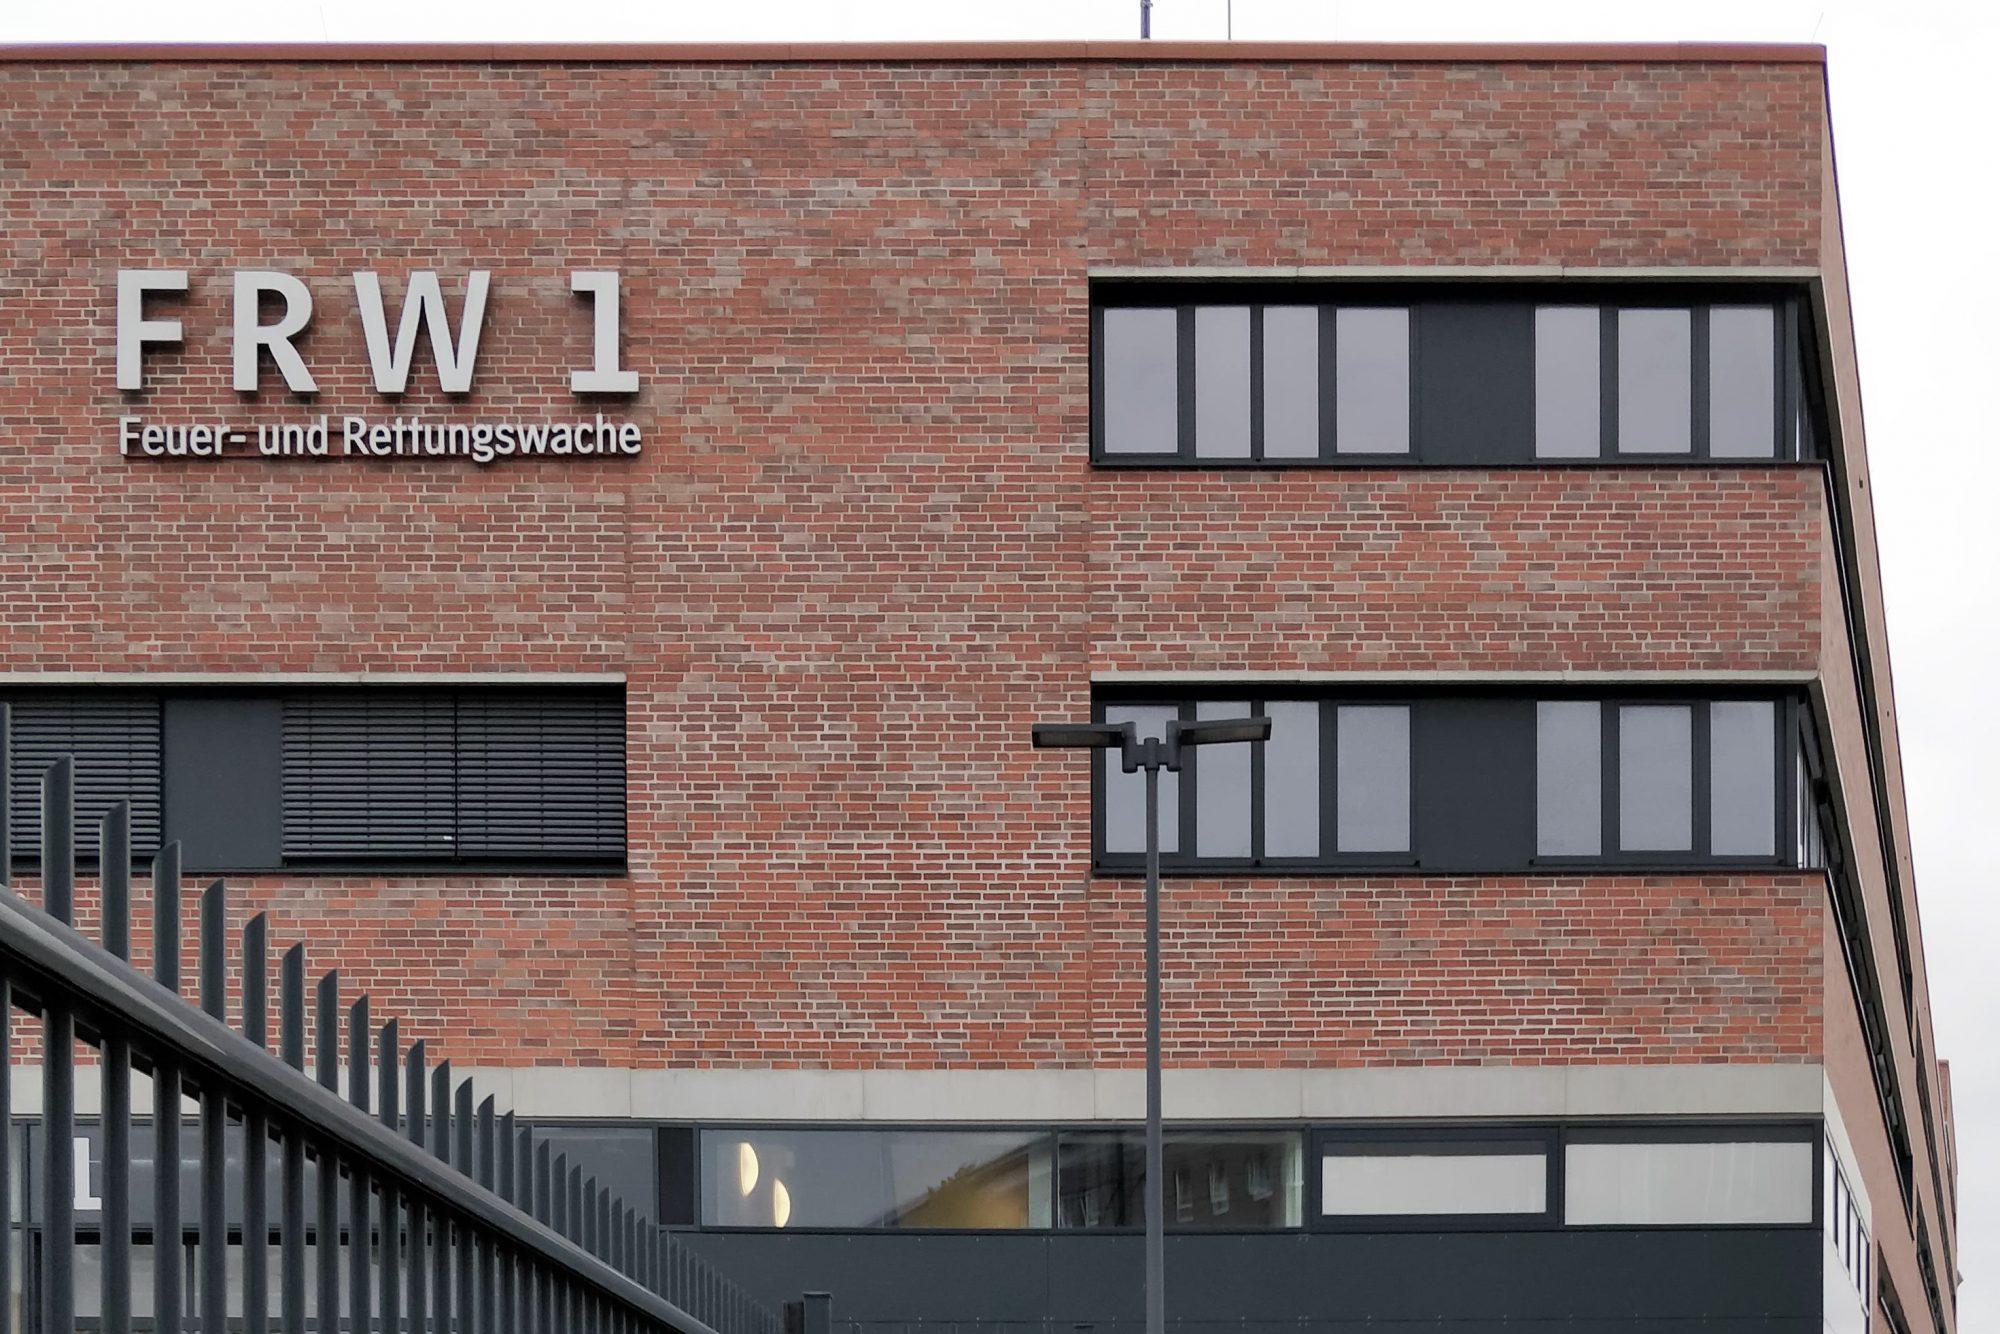 Feuer- und Rettungswache 1 Hannover